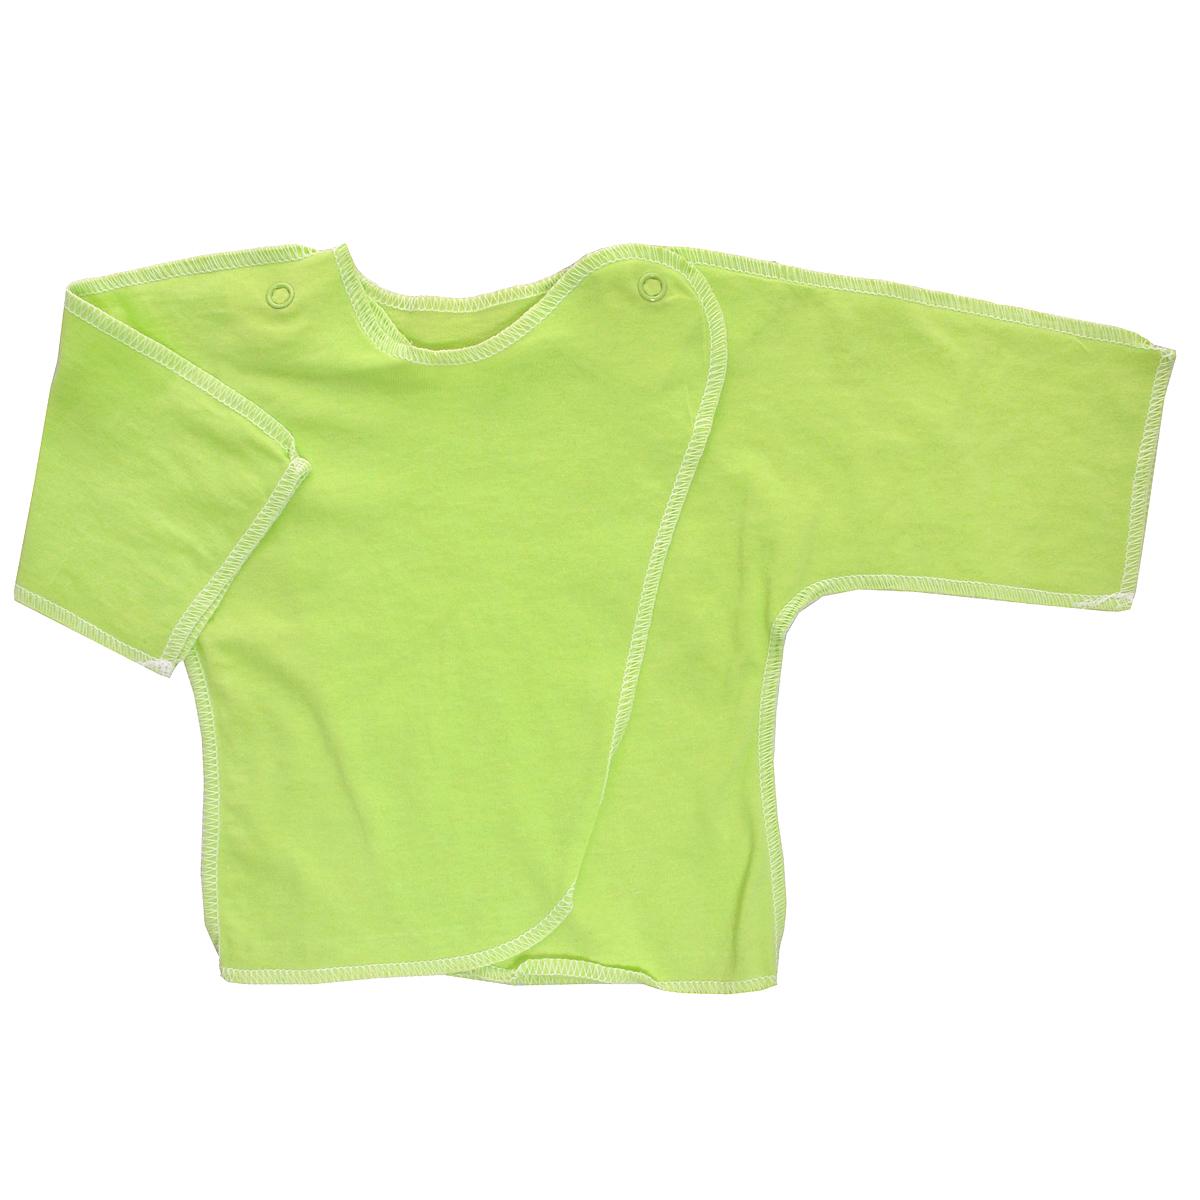 Распашонка5002Распашонка для мальчика Трон-плюс послужит идеальным дополнением к гардеробу вашего малыша. Распашонка изготовлена из натурального хлопка, благодаря чему она необычайно мягкая и легкая, не раздражает нежную кожу ребенка и хорошо вентилируется, а эластичные швы приятны телу малыша и не препятствуют его движениям. Распашонка с запахом, застегивается при помощи двух кнопок на плечах, которые позволяют без труда переодеть ребенка.